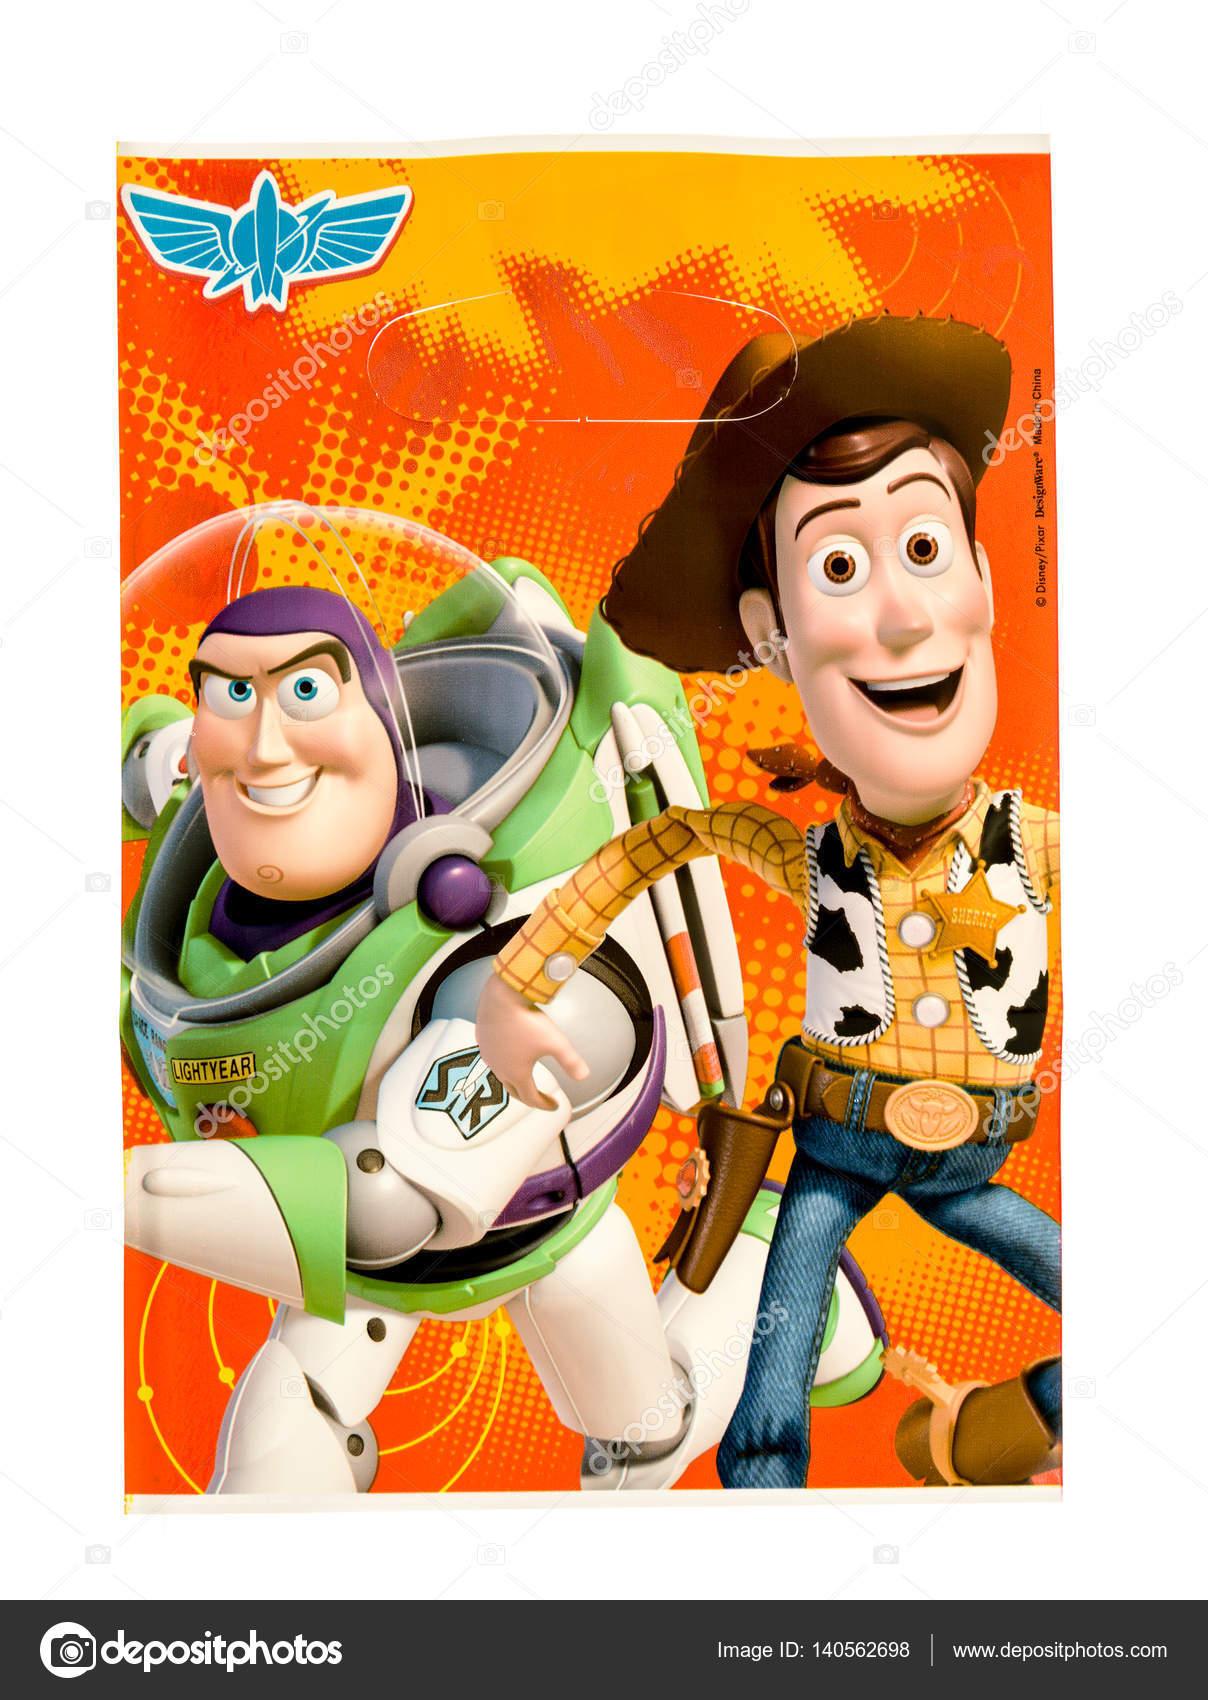 Imagenes En Alta Resolucion De Toy Story Bolsa De Botin De Toy